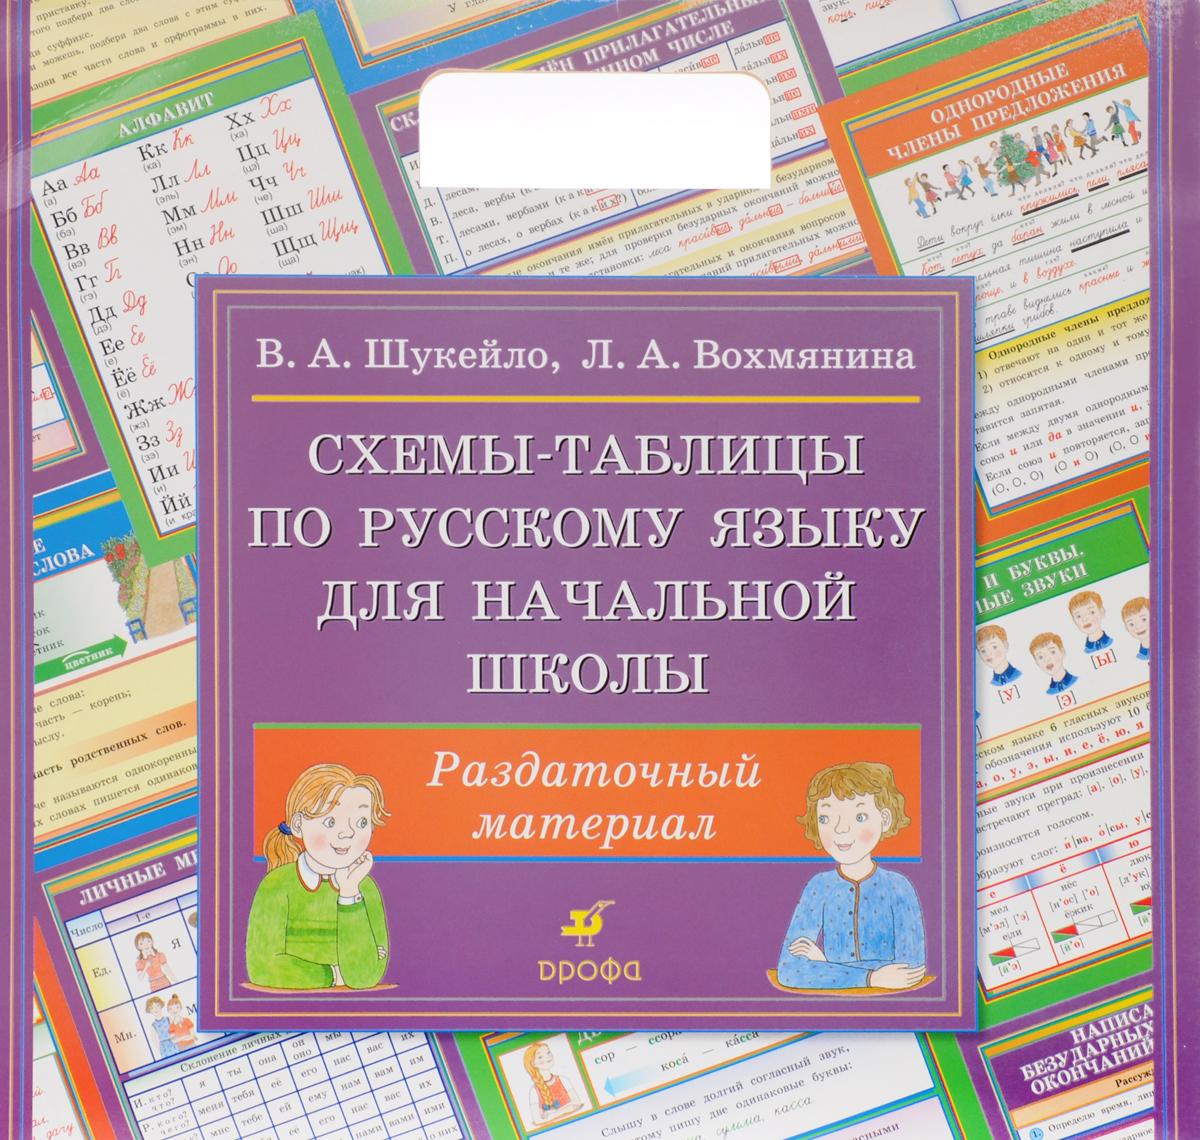 Русский язык. Схемы-таблицы для начальной школы. Раздаточный материал